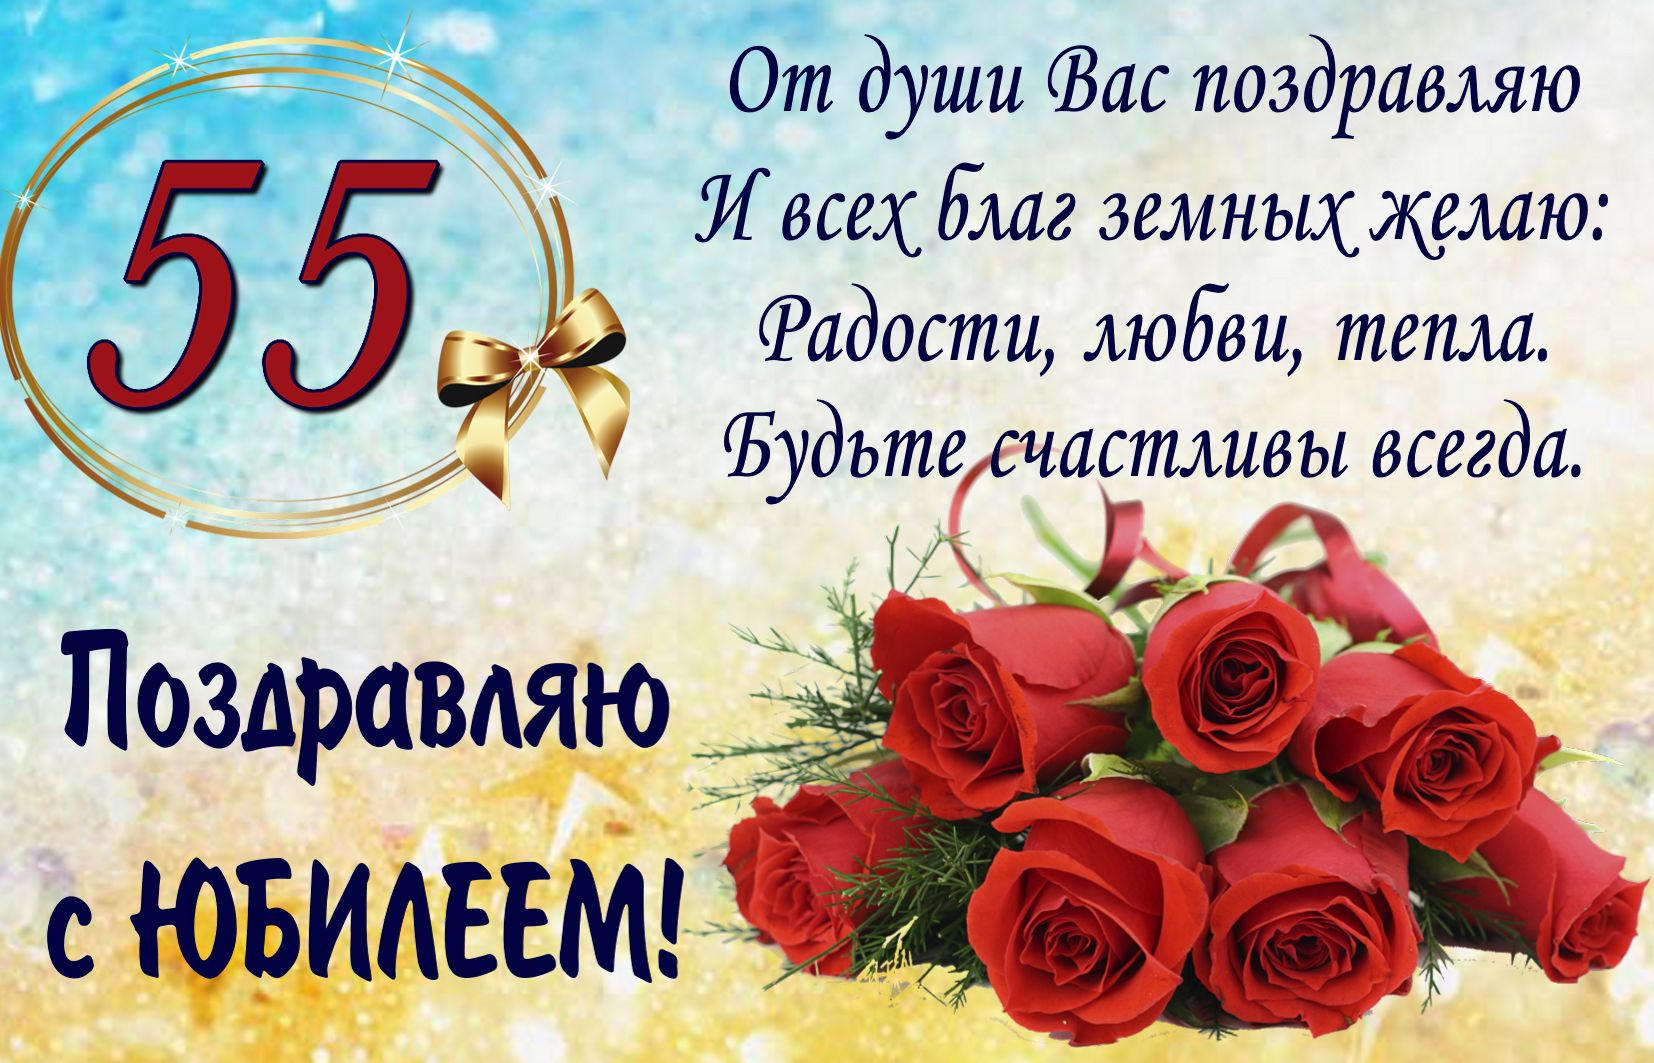 Поздравление ольге с юбилеем 65 лет 14